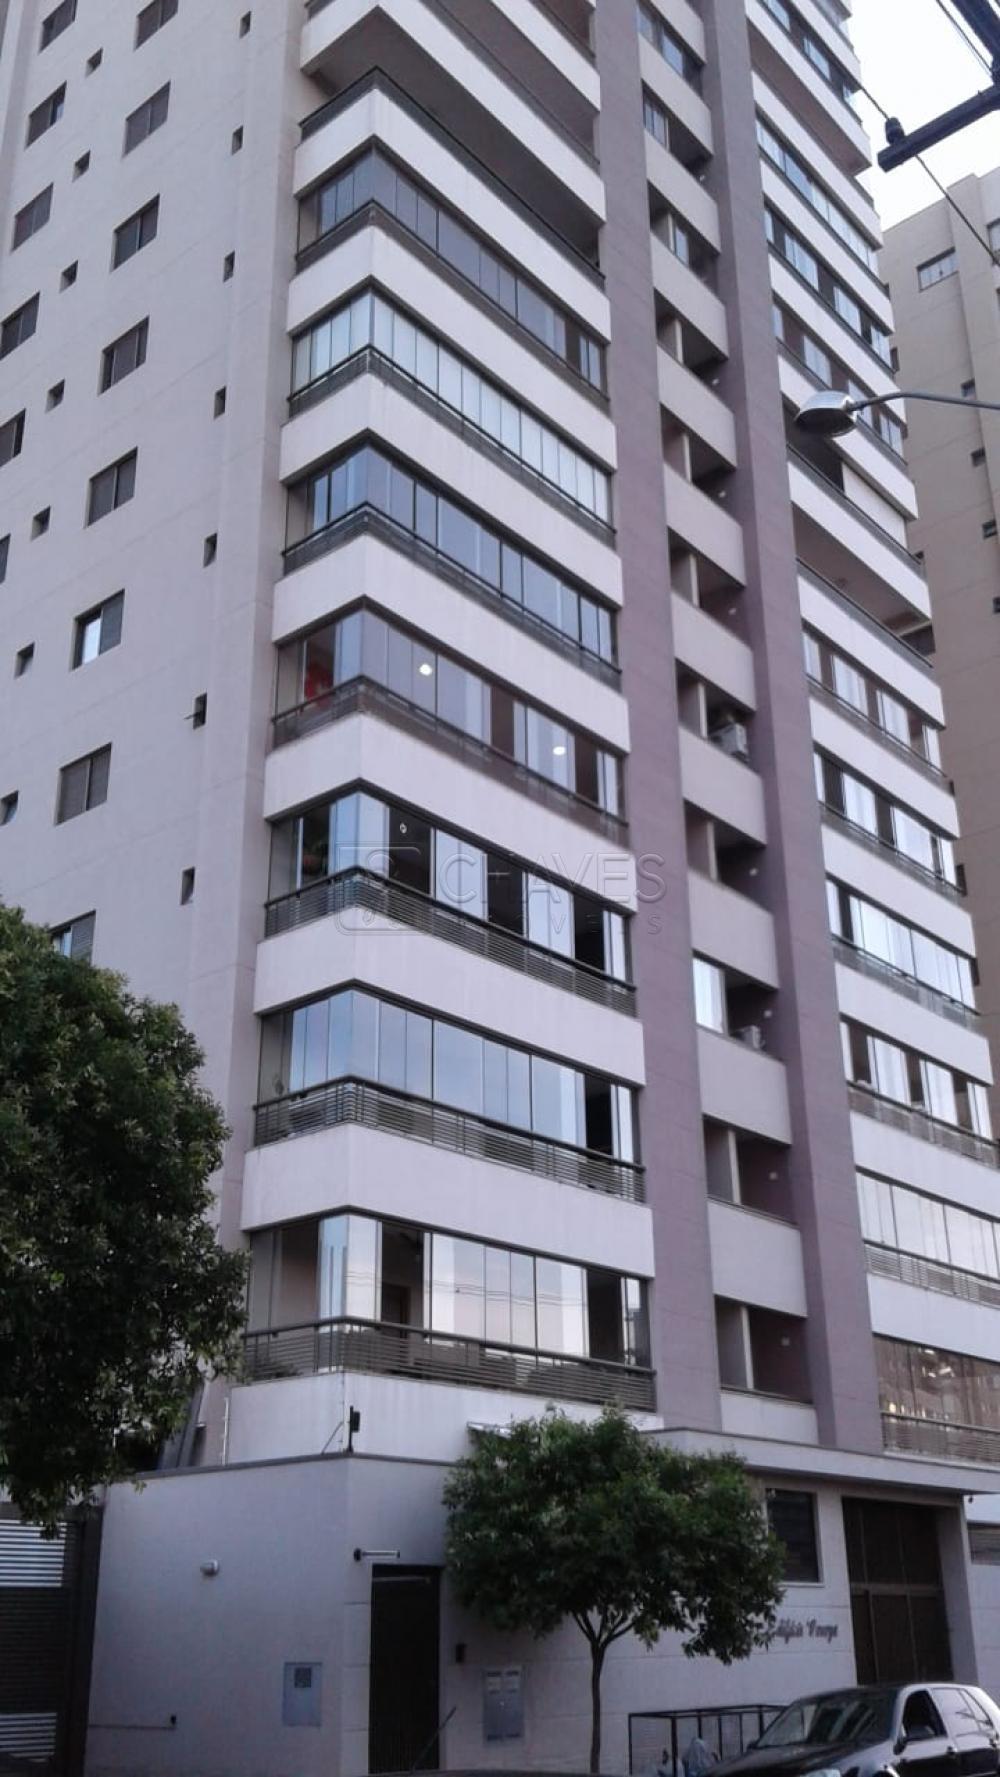 Comprar Apartamento / Padrão em Ribeirão Preto apenas R$ 520.000,00 - Foto 1